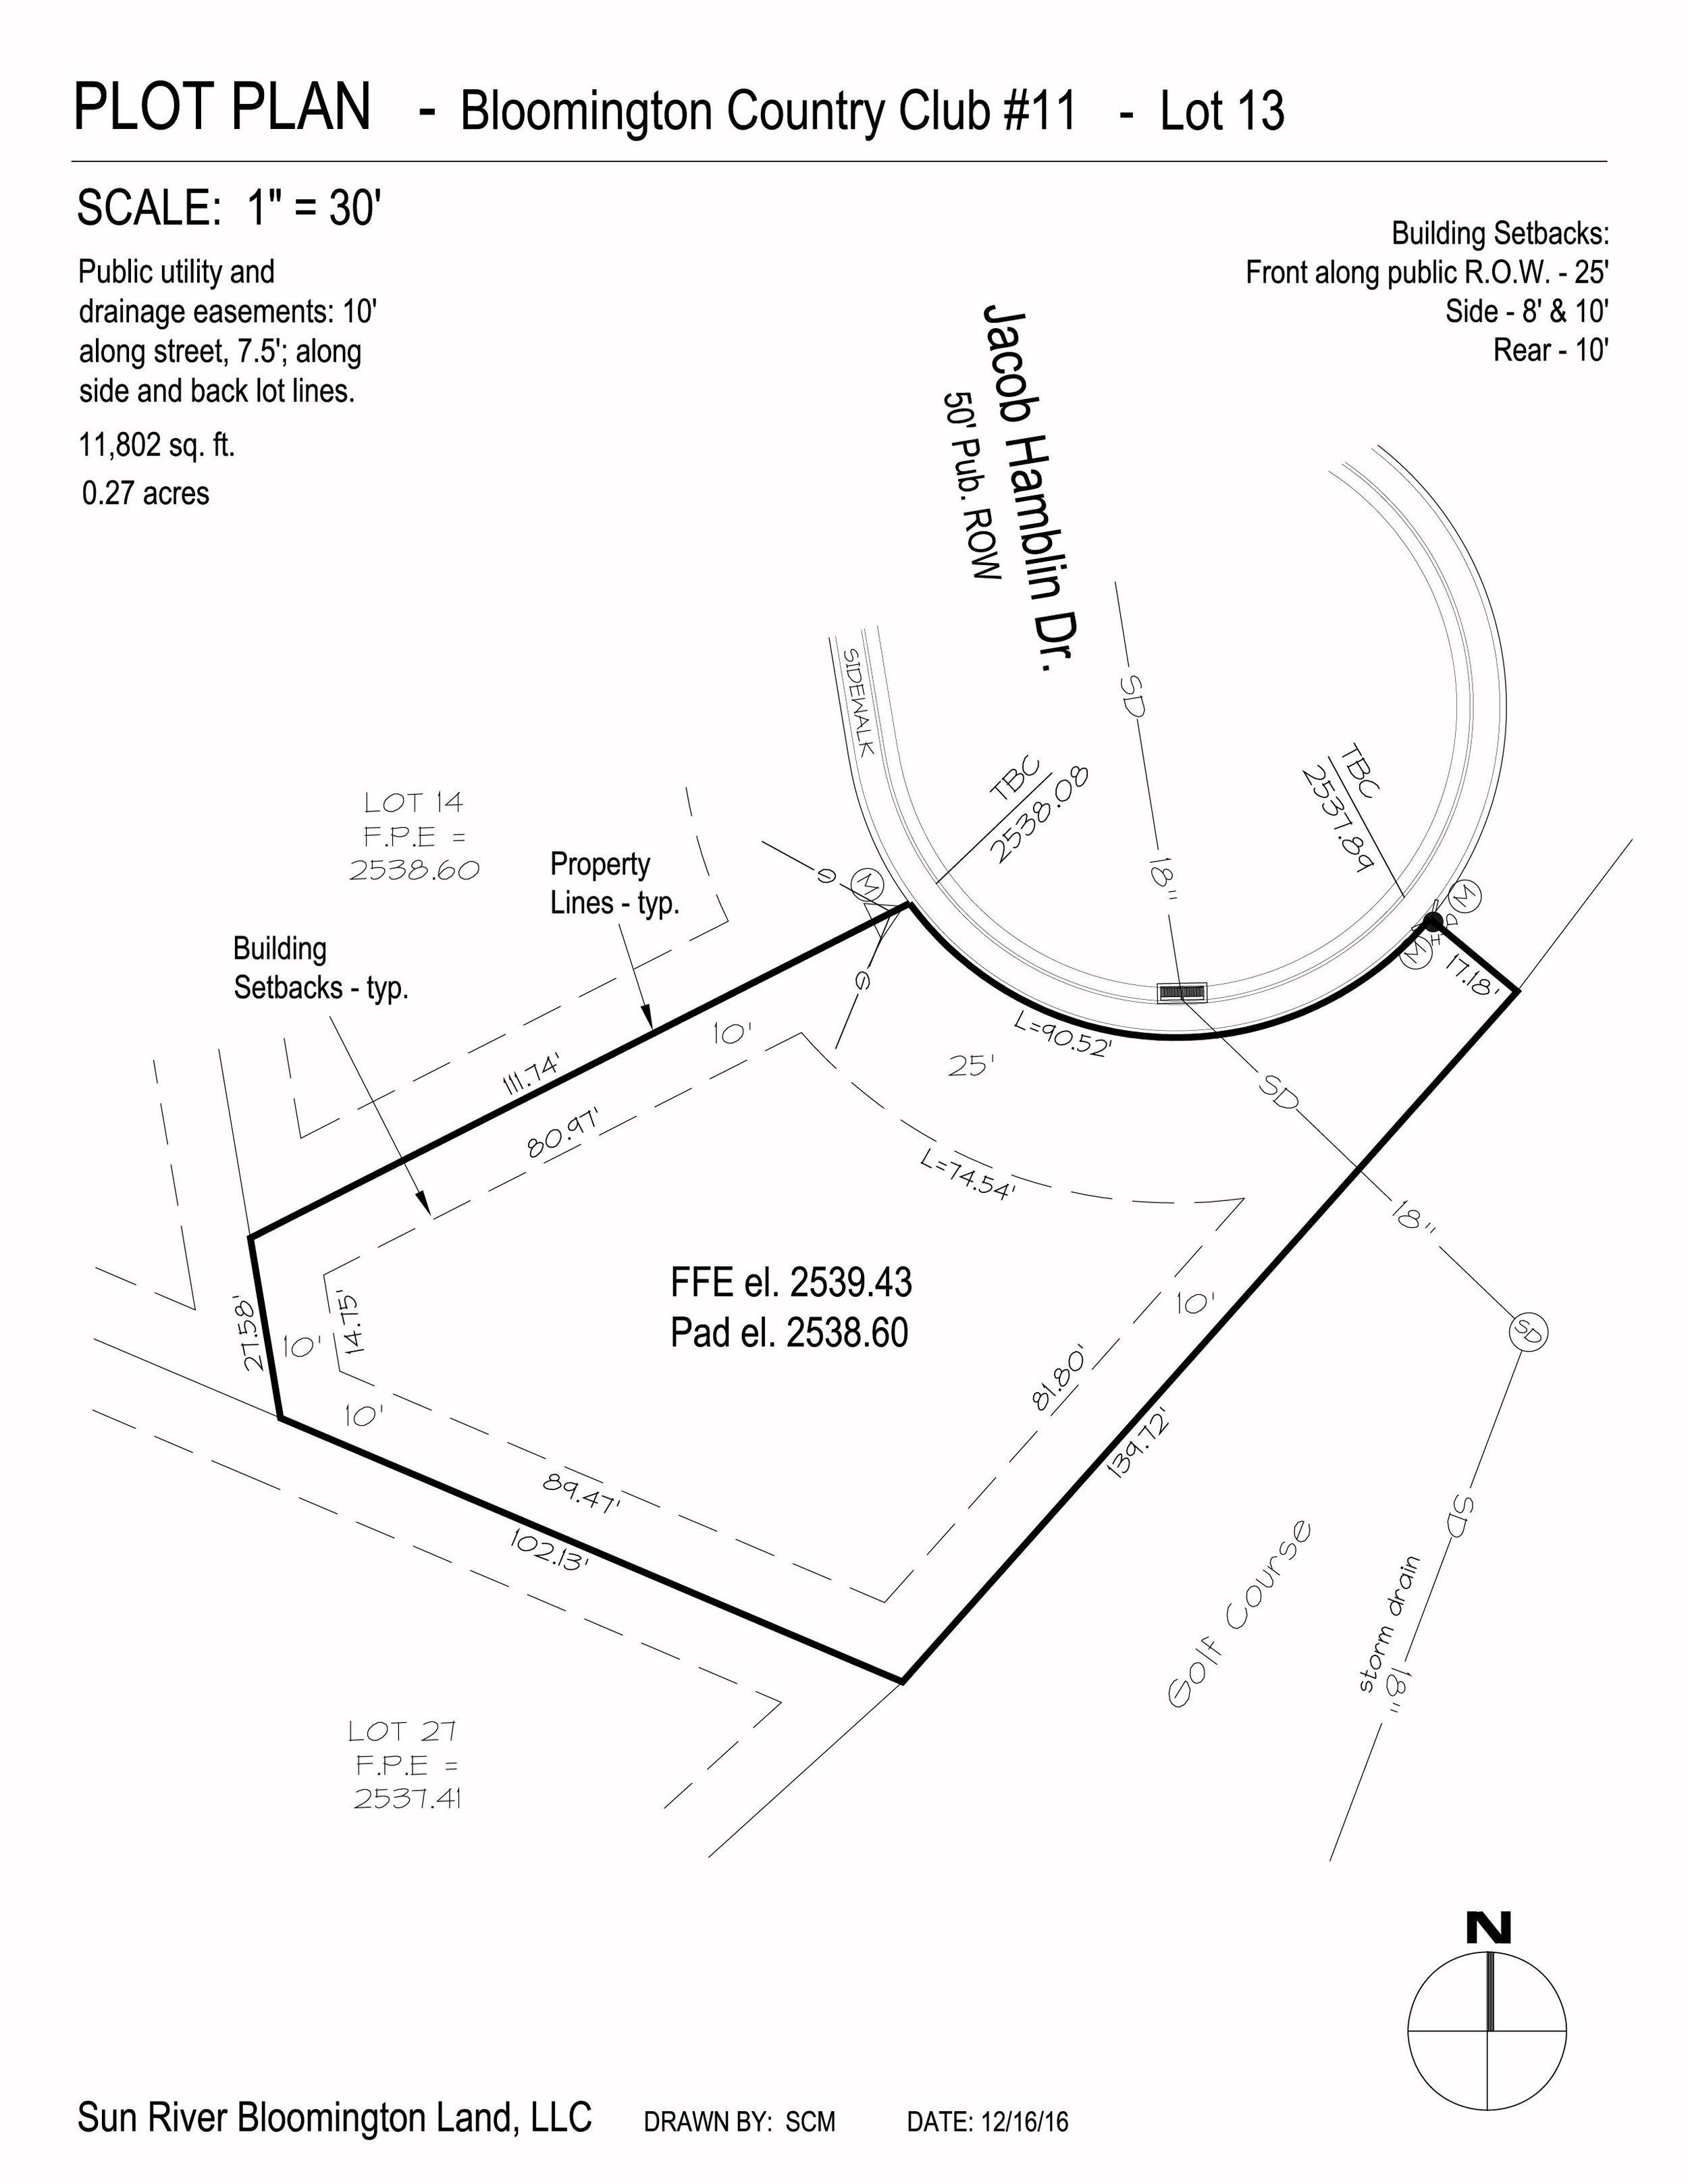 hamblin plot plans-13.jpg